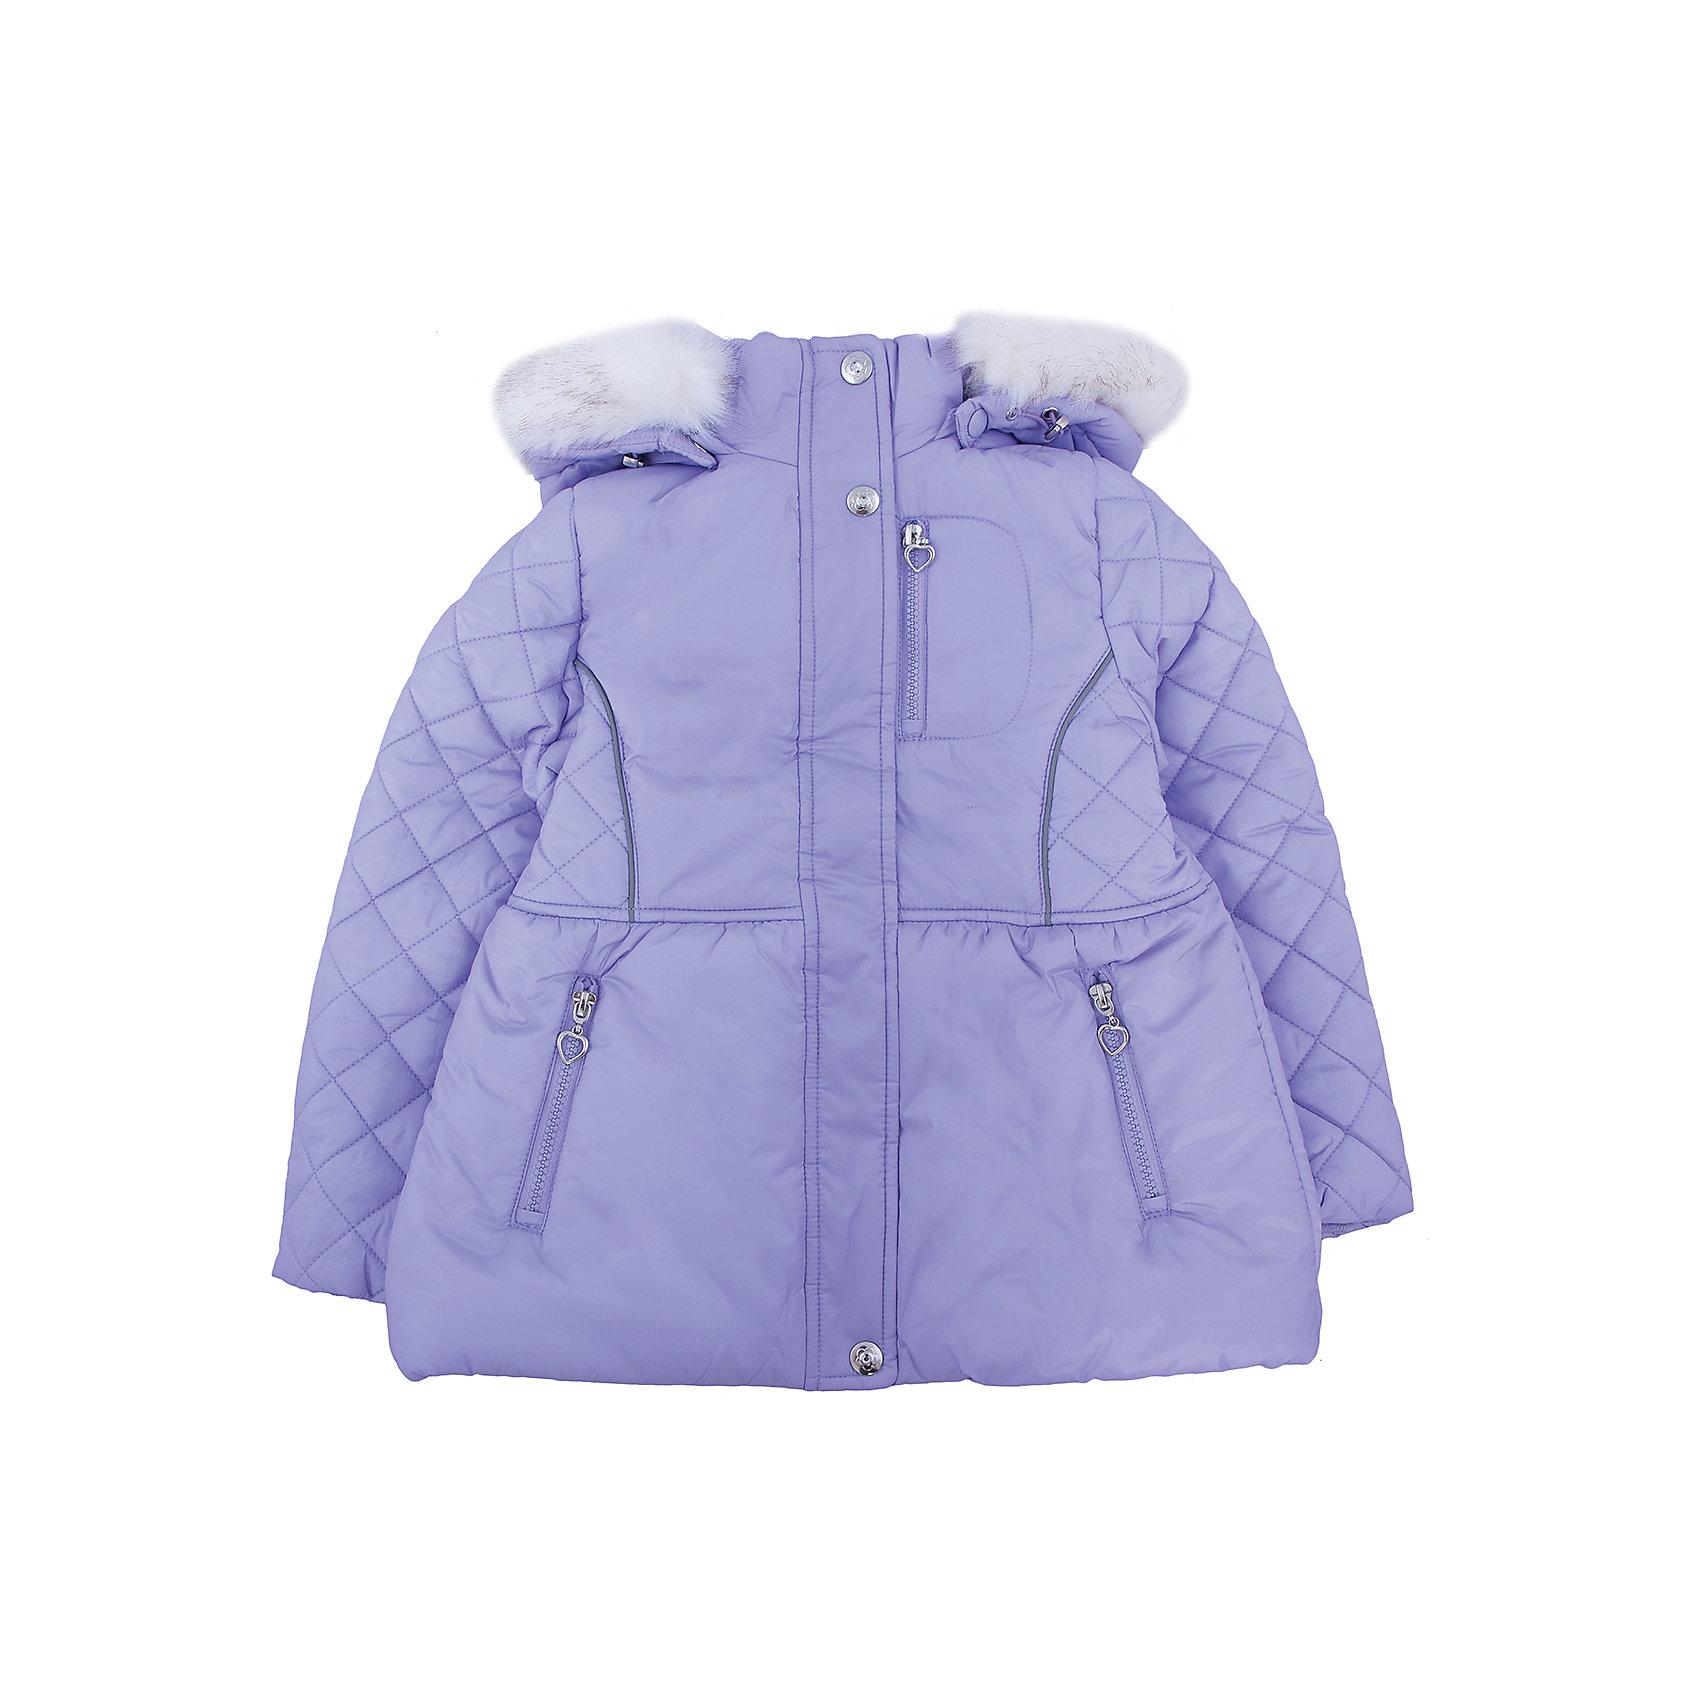 Куртка для девочки SELAВерхняя одежда<br>Детская одежда от SELA - это качественные модные вещи по привлекательным ценам. Данная модель относится к коллекции нового сезона, она учитывает последние тренды в моде, поэтому смотрится стильно, с ней можно создать множество ансамблей.<br>Курточка утеплена, она отлично подходит для межсезонья. Длина до середины бедра и полуприлегающий силуэт обеспечат ребенку тепло и удобство. Капюшон украшен опушкой. Изделие сшито из тщательно подобранных материалов, абсолютно безопасных для ребенка.<br><br>Дополнительная информация:<br><br>цвет: фиолетовый;<br>состав: 100% ПЭ;<br>температурный режим: от - 5°С до + 10°С;<br>застежка: молния, кнопки;<br>длина: до середины бедра;<br>карманы на молнии;<br>капюшон с опушкой.<br><br>Куртку для девочки от компании SELA можно купить в нашем магазине.<br><br>Ширина мм: 356<br>Глубина мм: 10<br>Высота мм: 245<br>Вес г: 519<br>Цвет: фиолетовый<br>Возраст от месяцев: 48<br>Возраст до месяцев: 60<br>Пол: Женский<br>Возраст: Детский<br>Размер: 110,104,116,98<br>SKU: 4912969